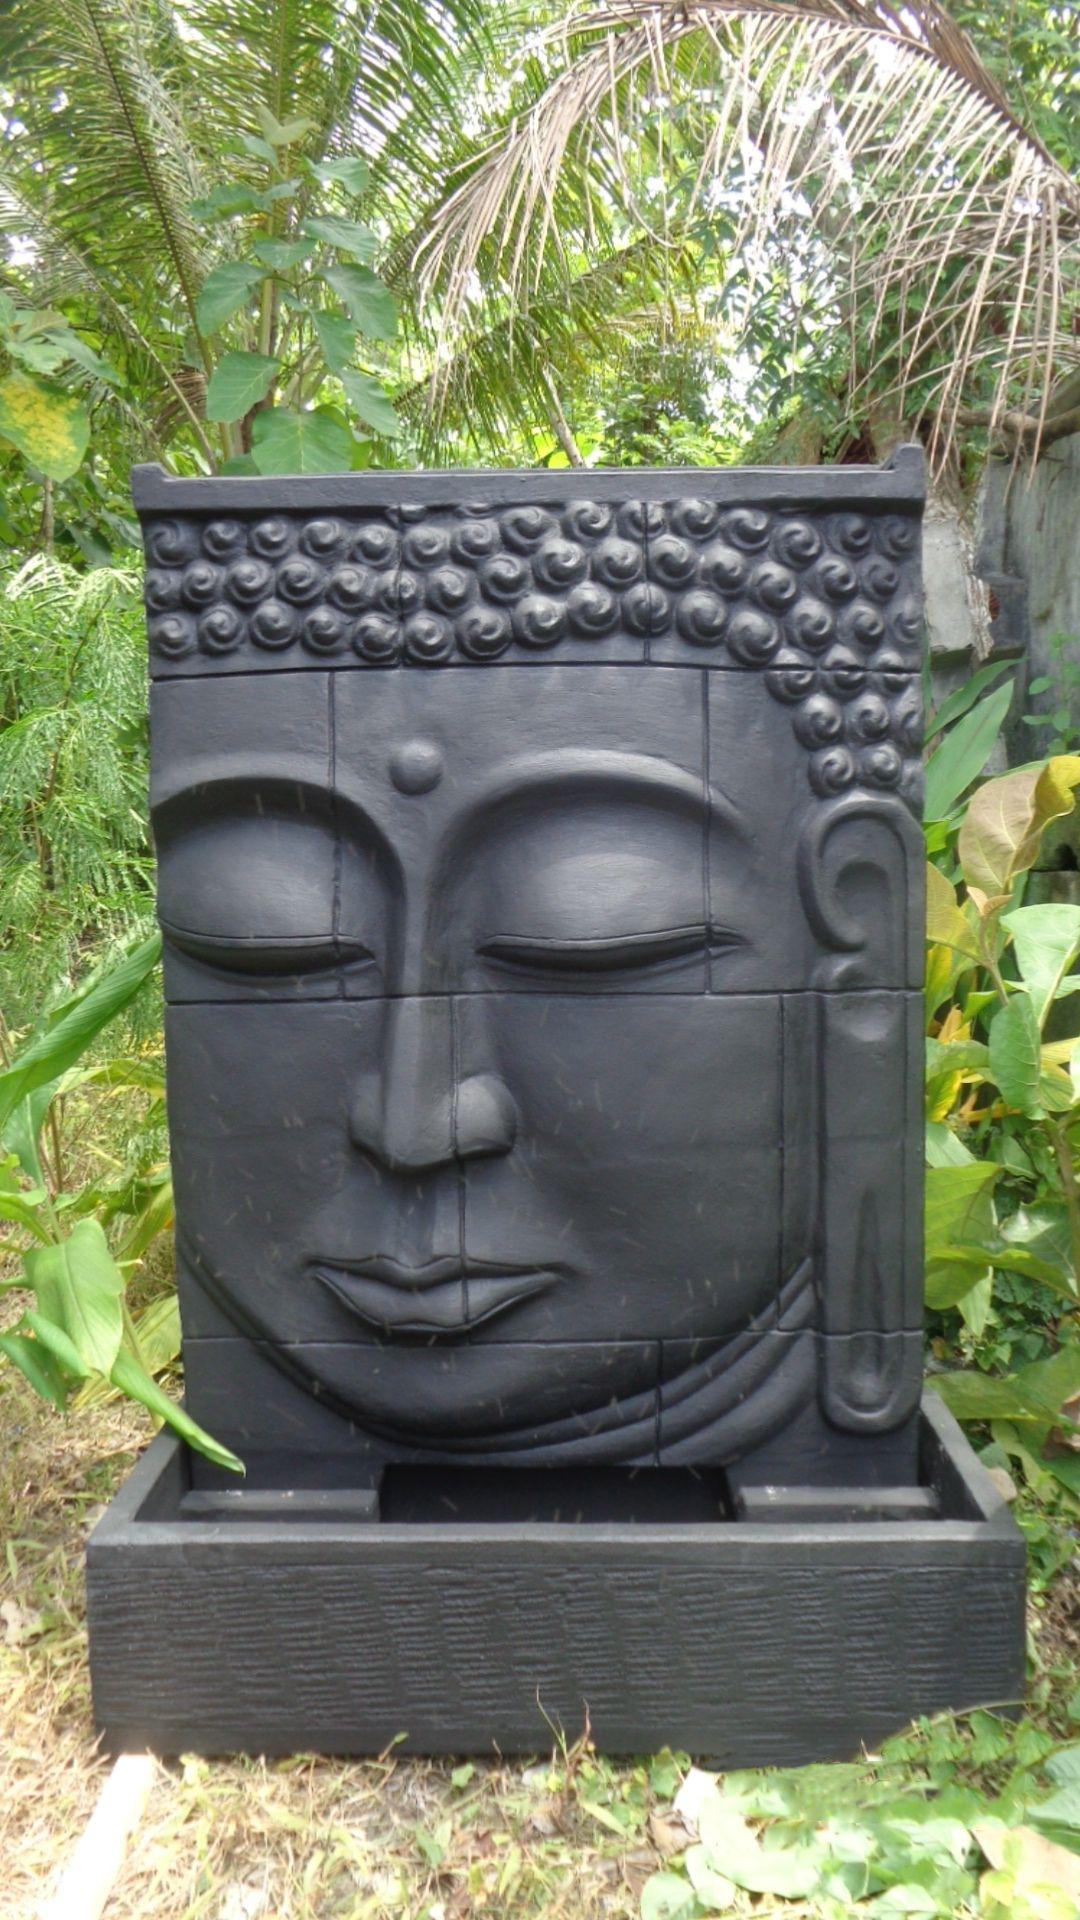 Grande Fontaine Extérieur Mur D'eau Visage De Bouddha 1 M 80 ... intérieur Fontaine De Jardin Bouddha